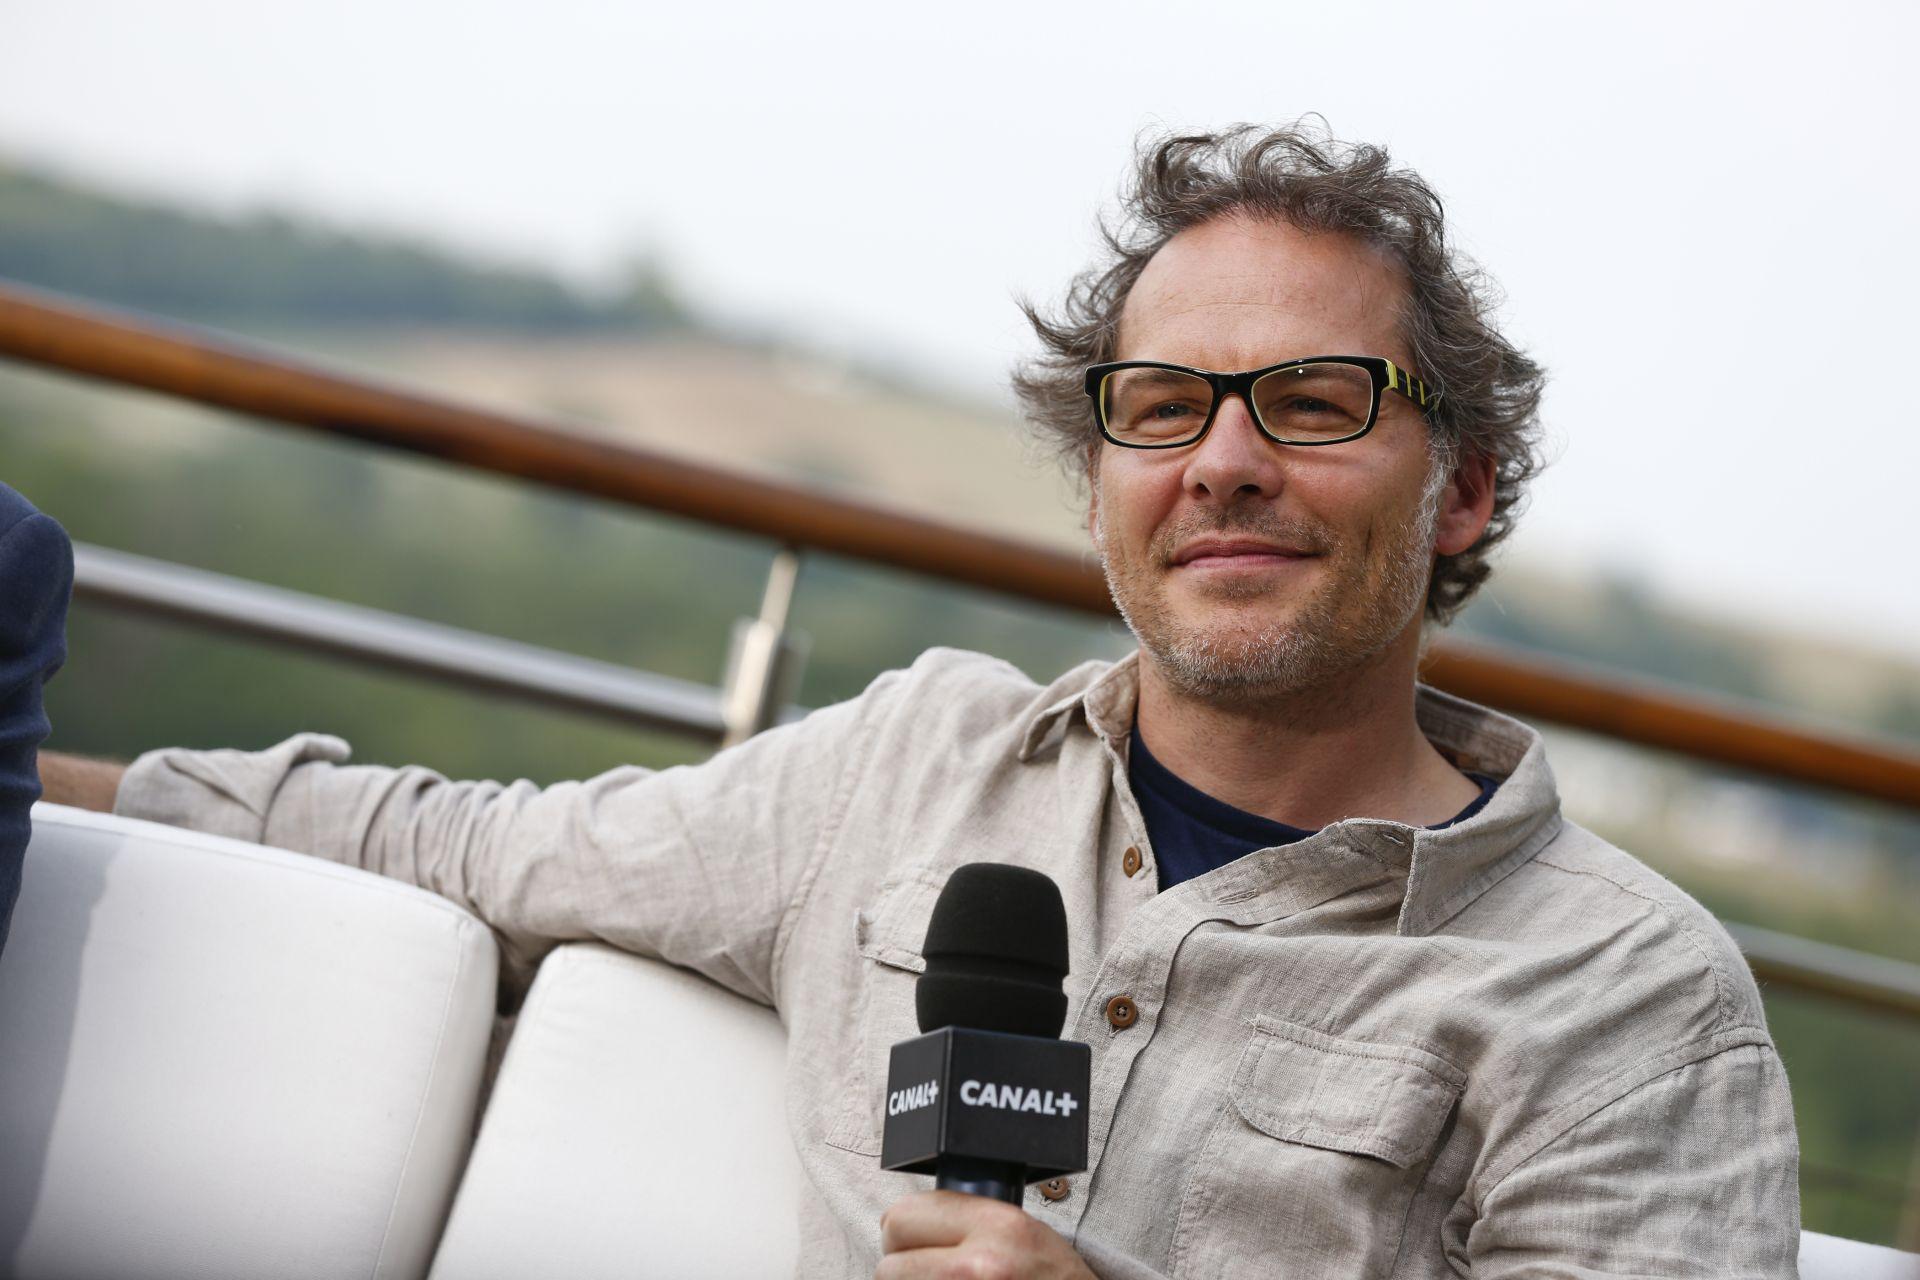 Villeneuve: Alonso a legjobb versenyző, és nem bukott meg a Ferrarinál, de a McLaren-Hondával nehéz dolga lesz